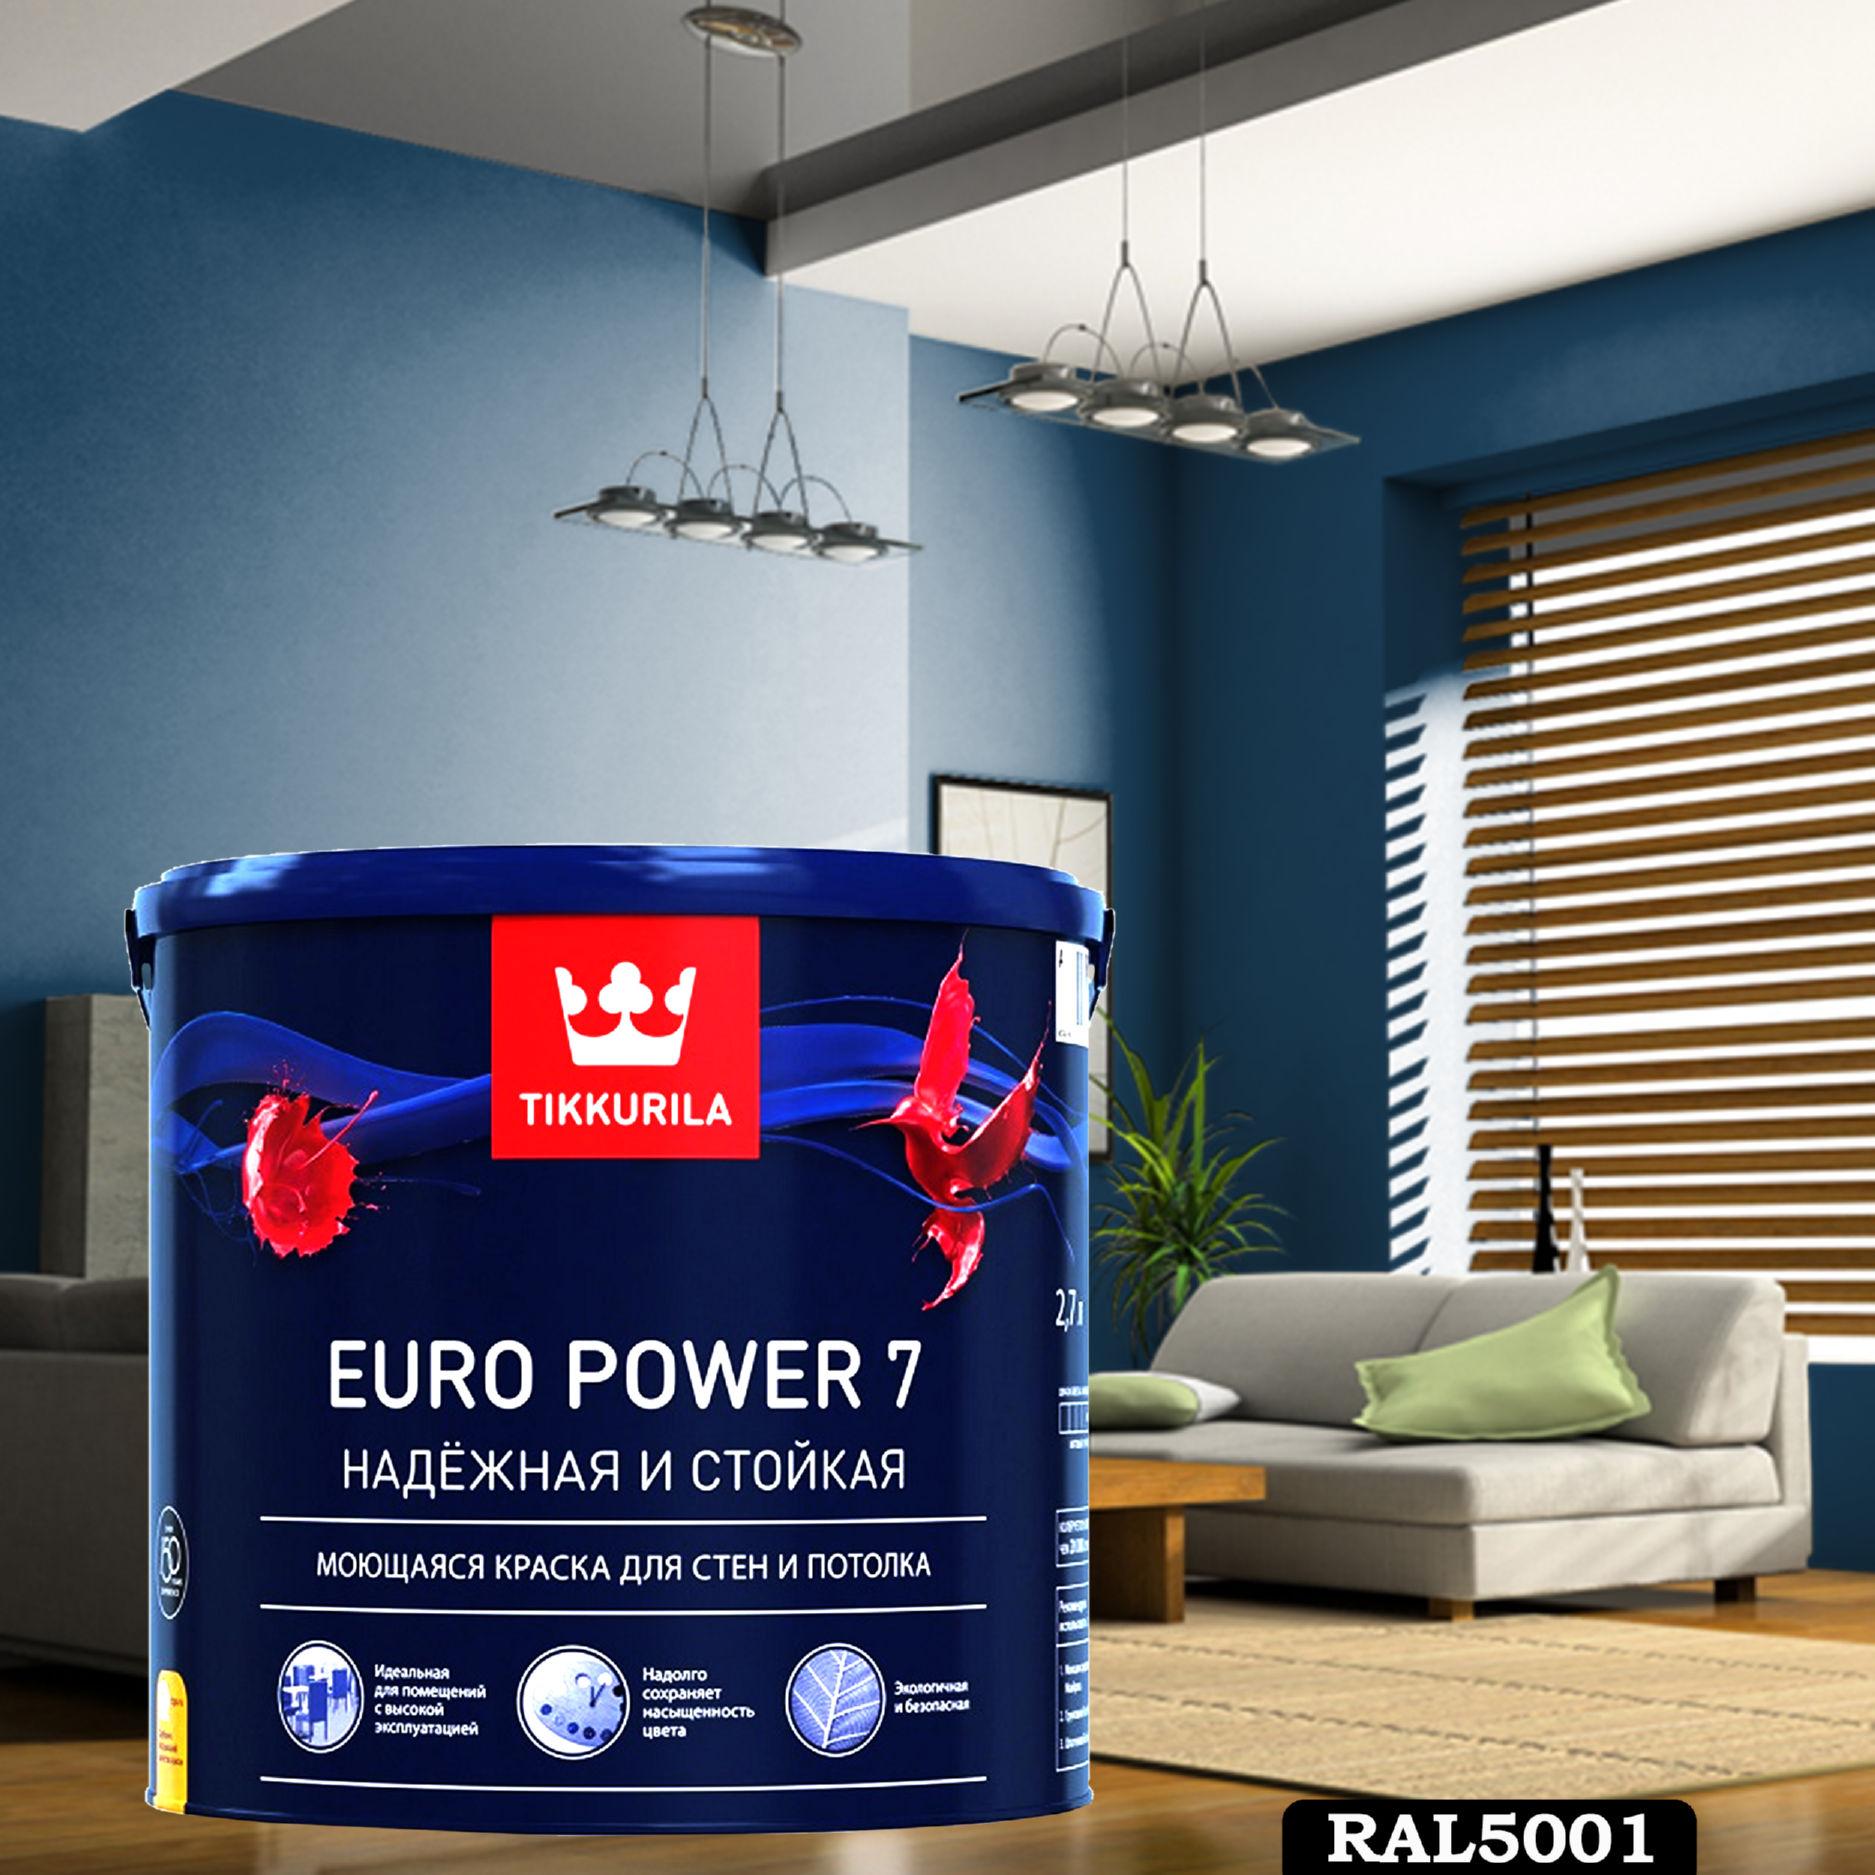 Фото 2 - Краска TIKKURILA Euro Power 7,  RAL 5001 Зелёно-синий, латексная моющаяся матовая интерьерная, 9 л.